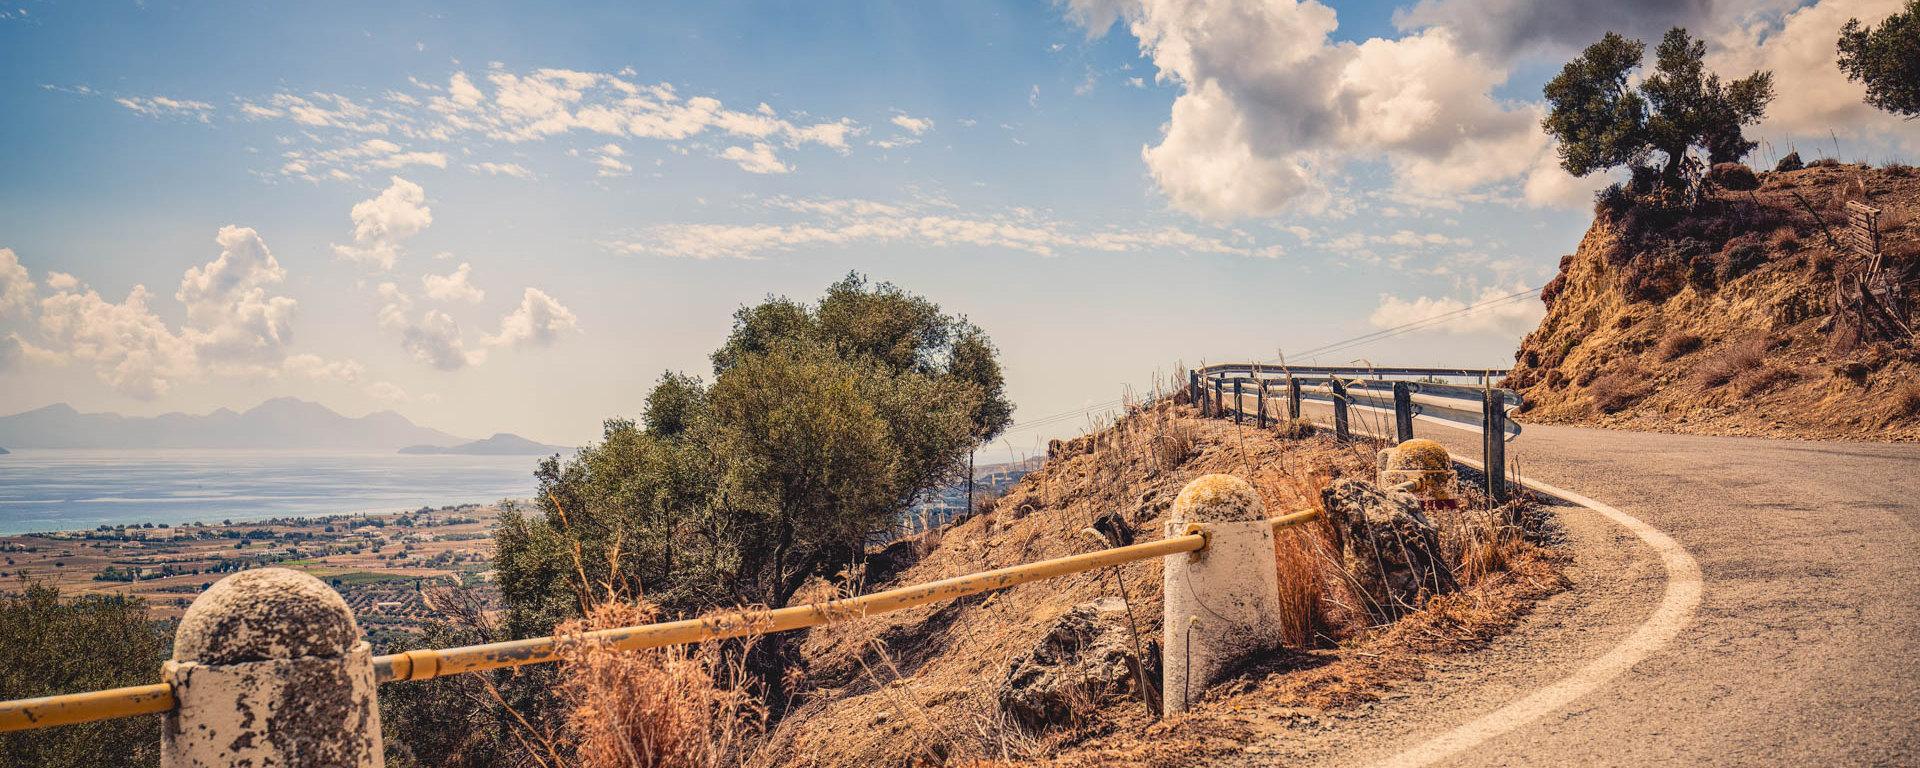 Landstraße entlang der Berghänge auf Kos landeinwärts Richtung Zia, Beitragsbild zur Historie von Art for the Earth